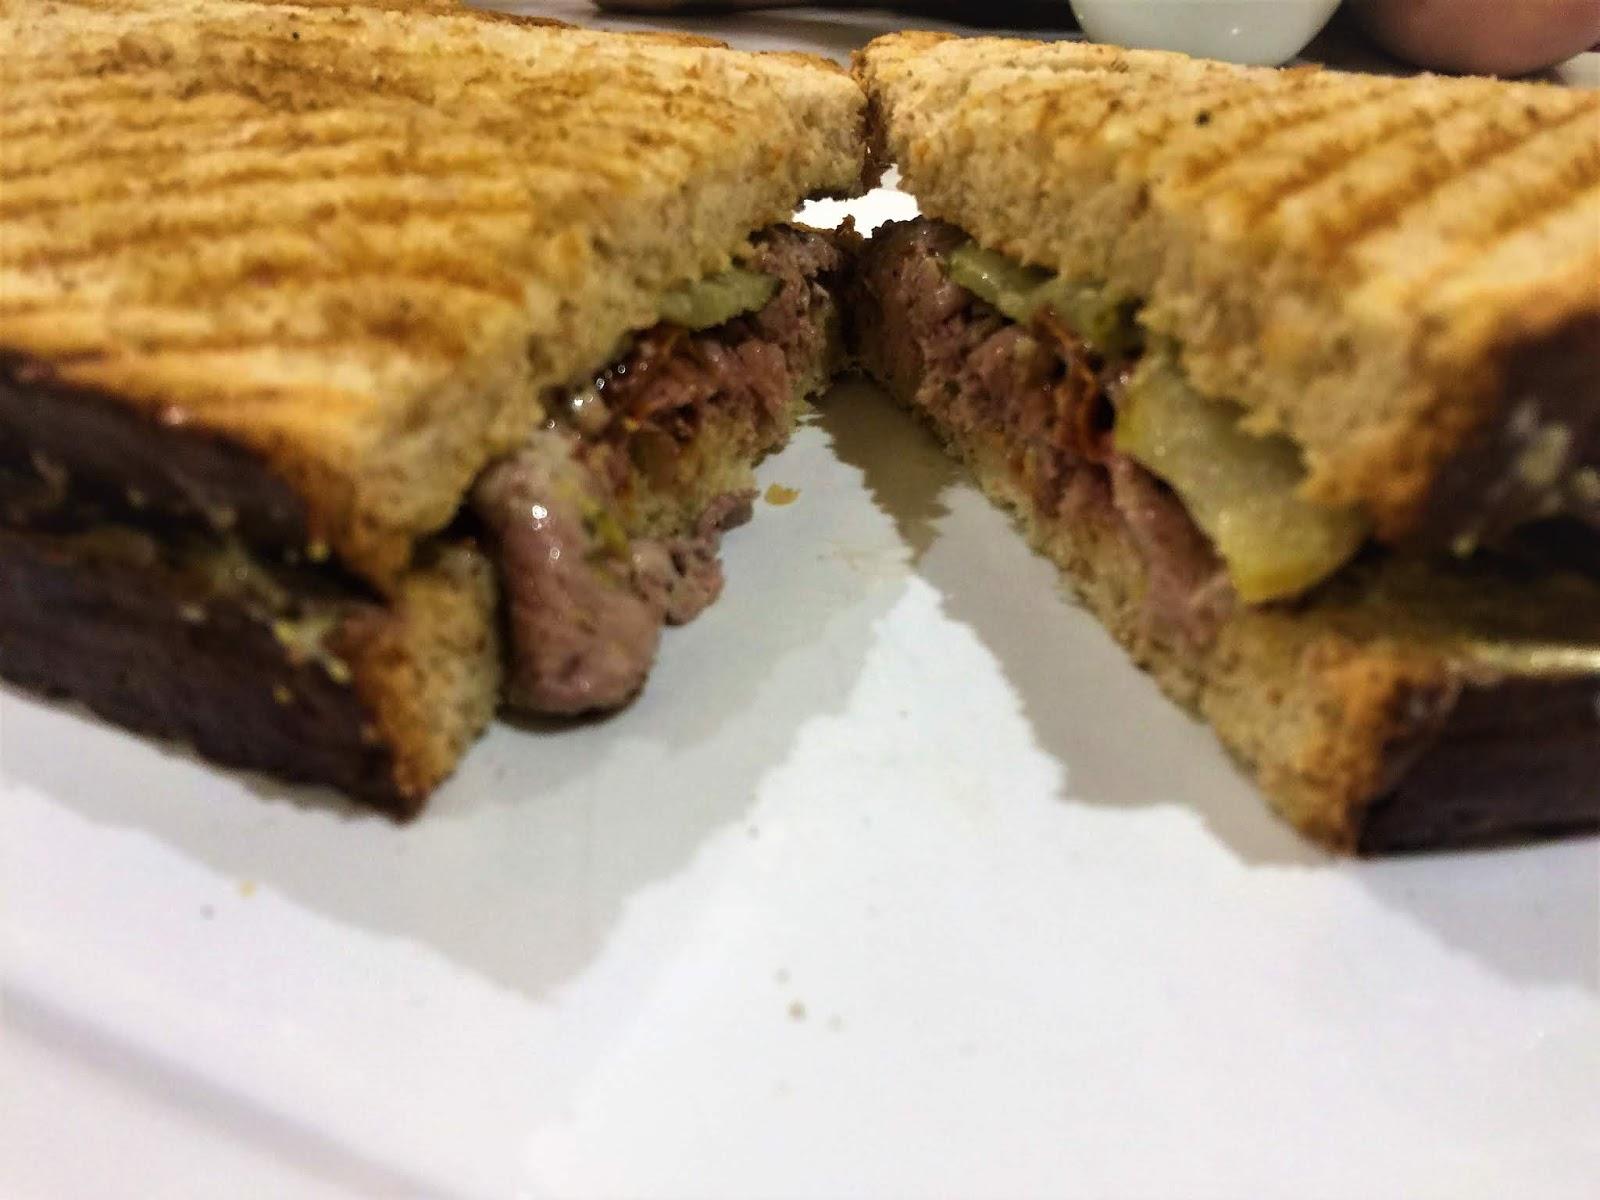 Roasted Beef Sandwich in City of Dreams Manila